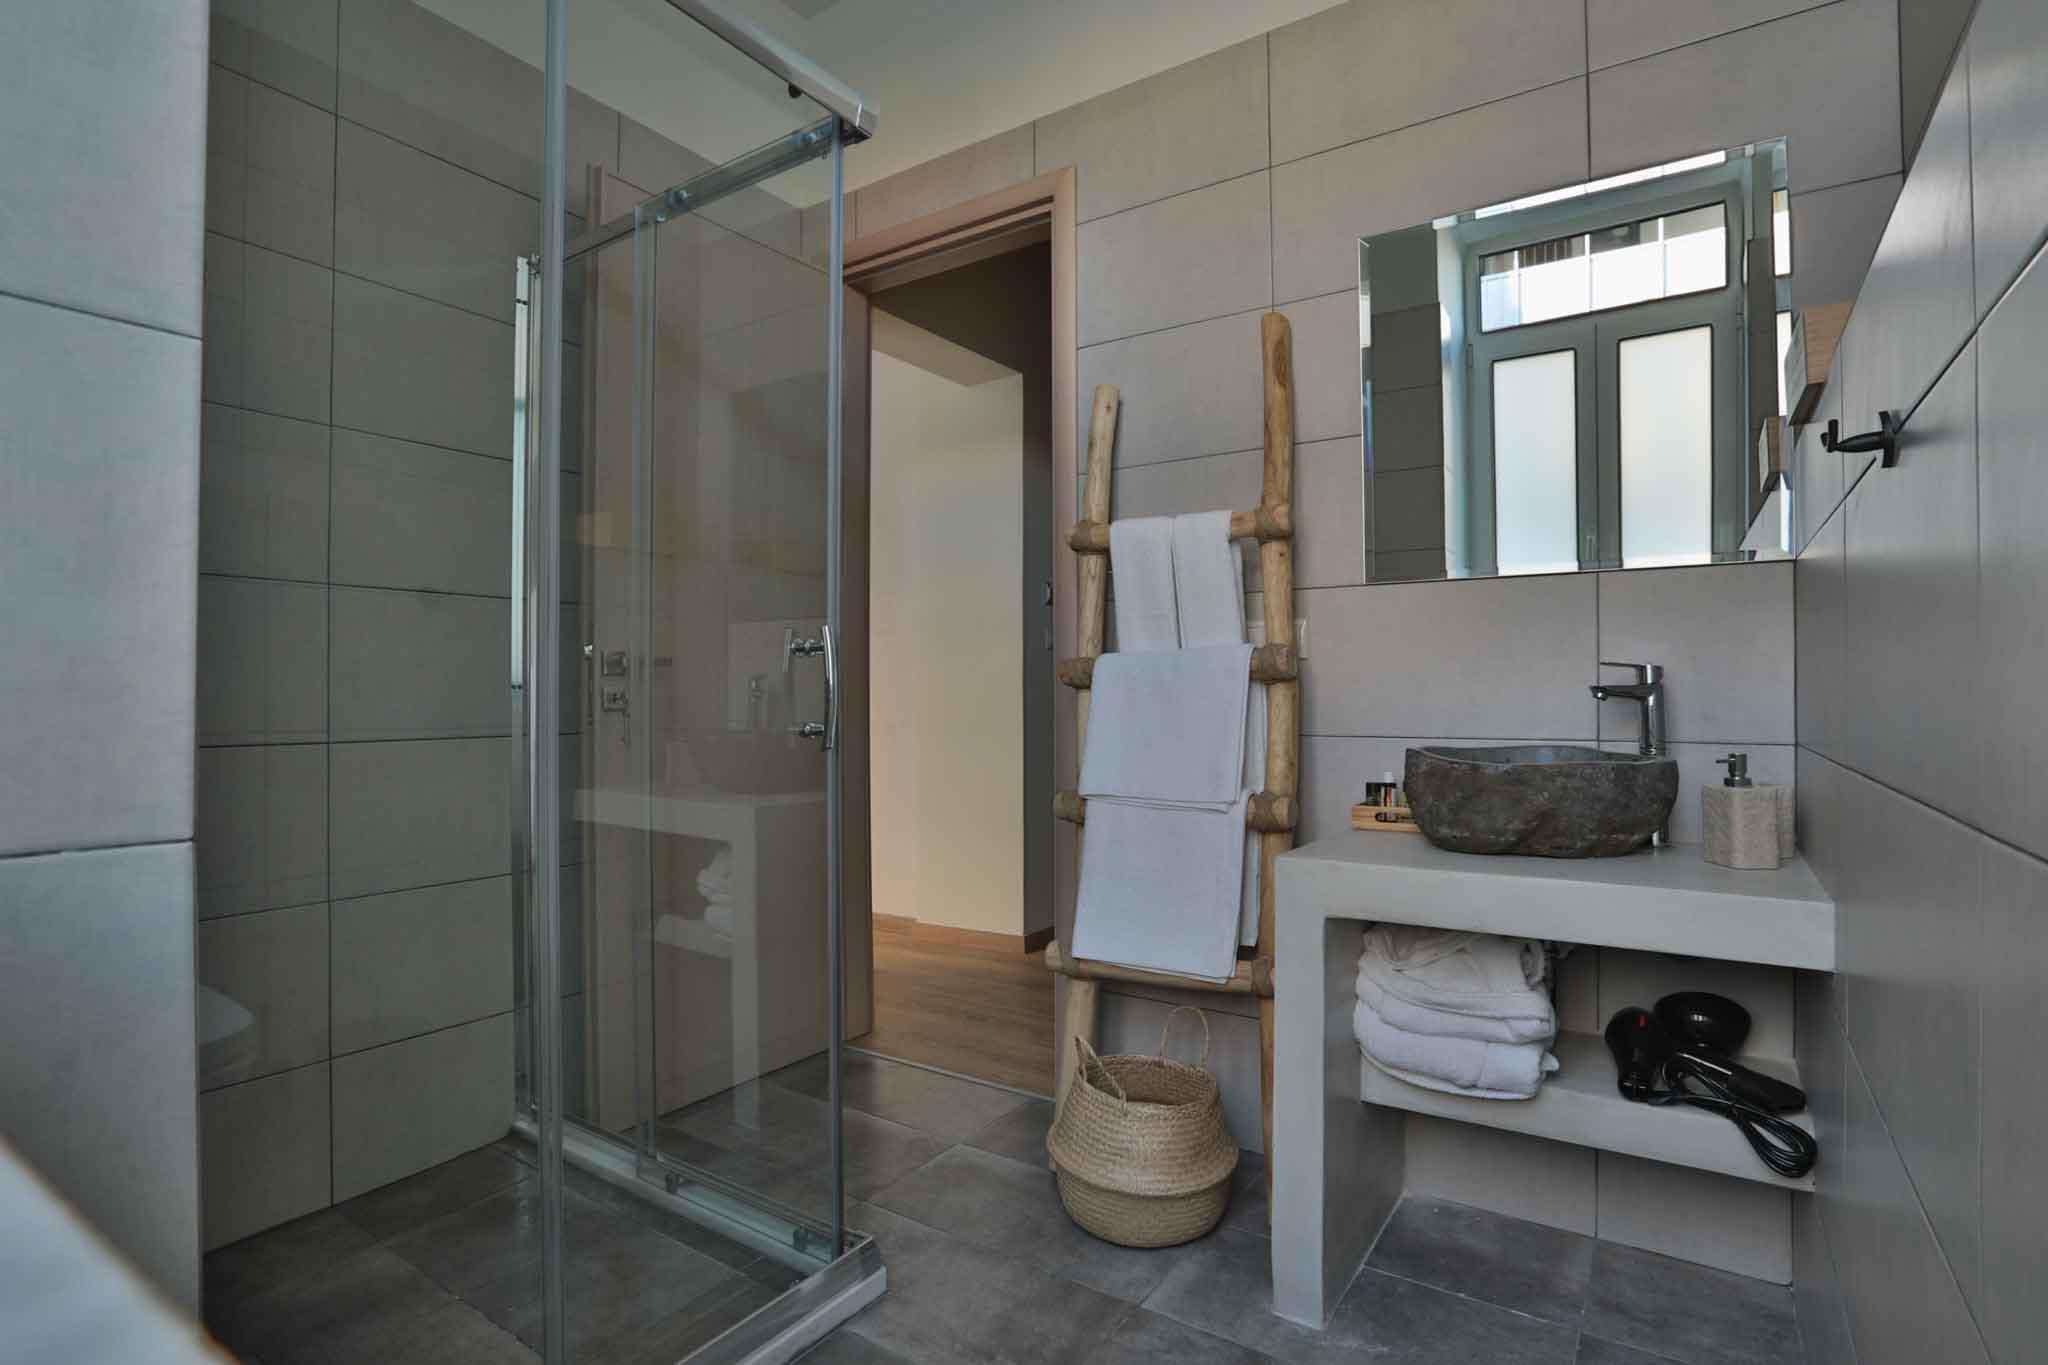 Hotel_room_Allegra_02